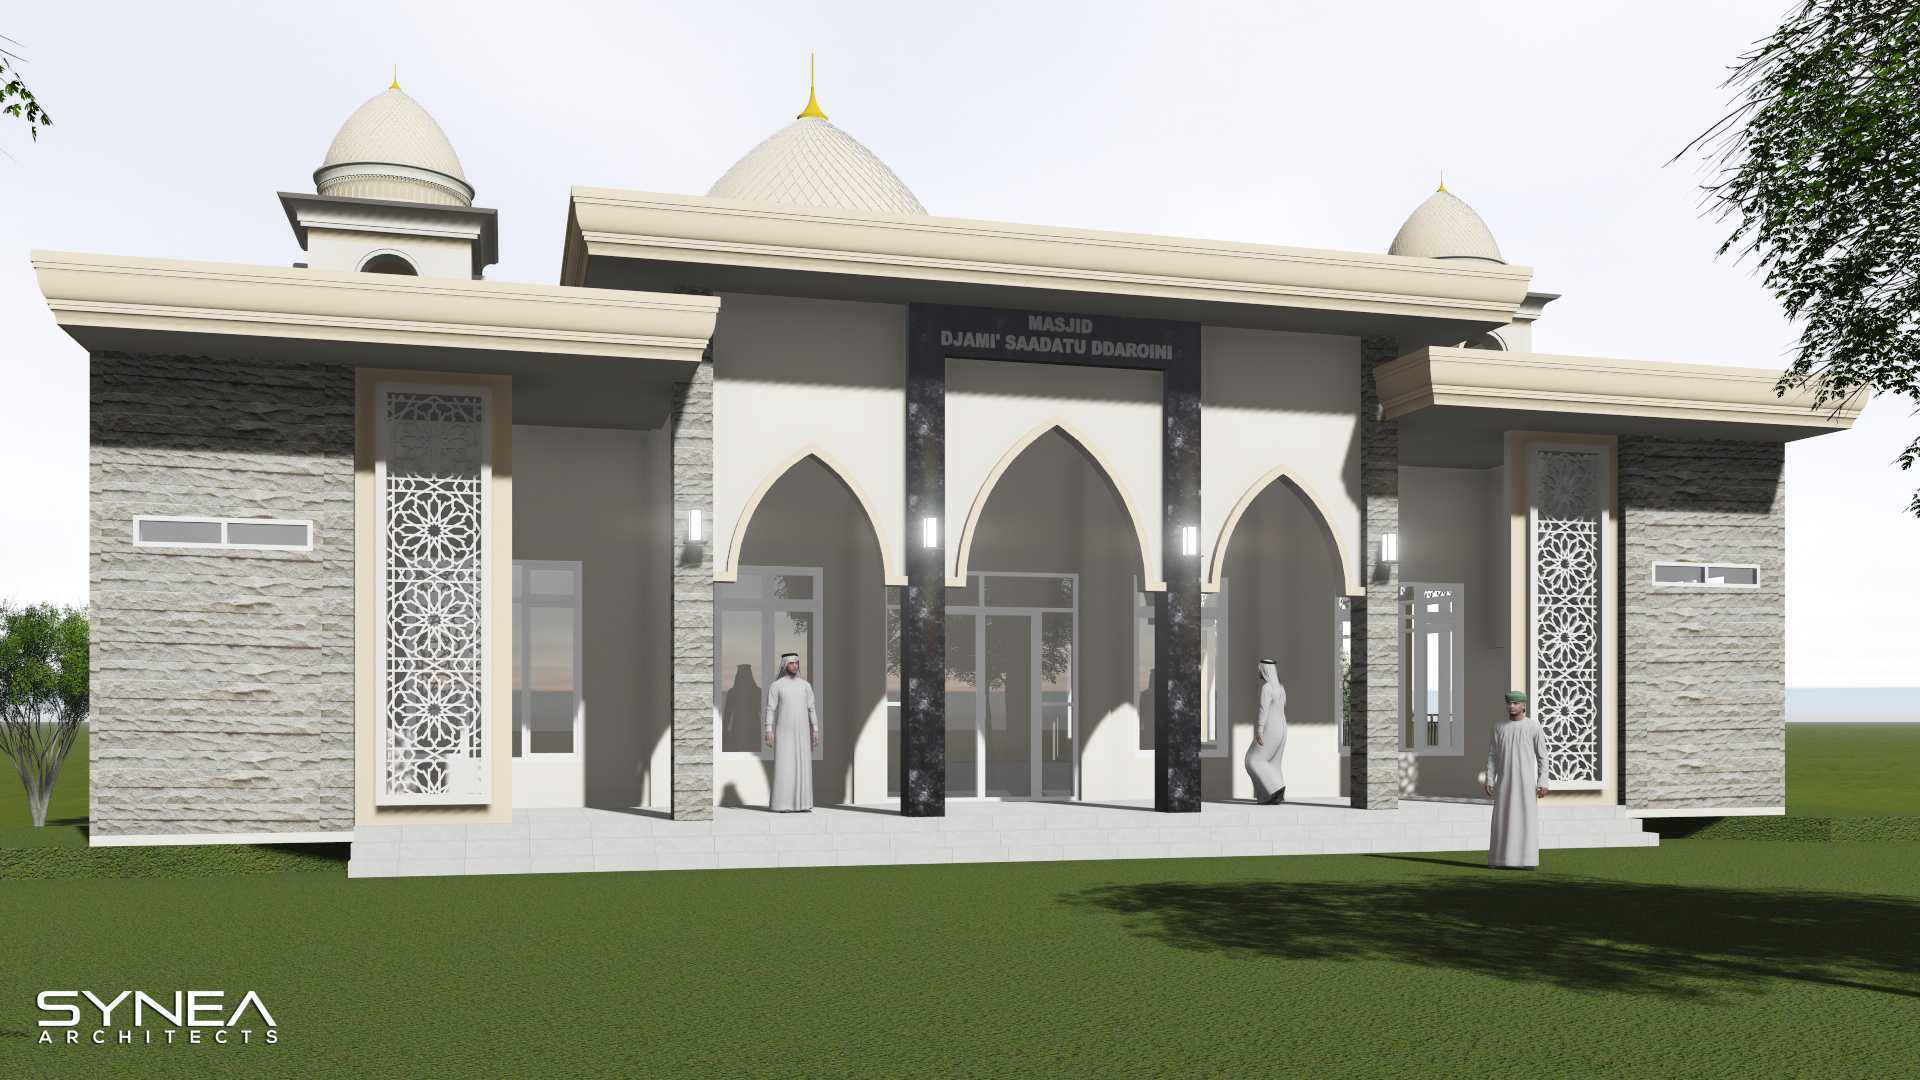 Synea Architects di Ogan Komering Ulu Selatan